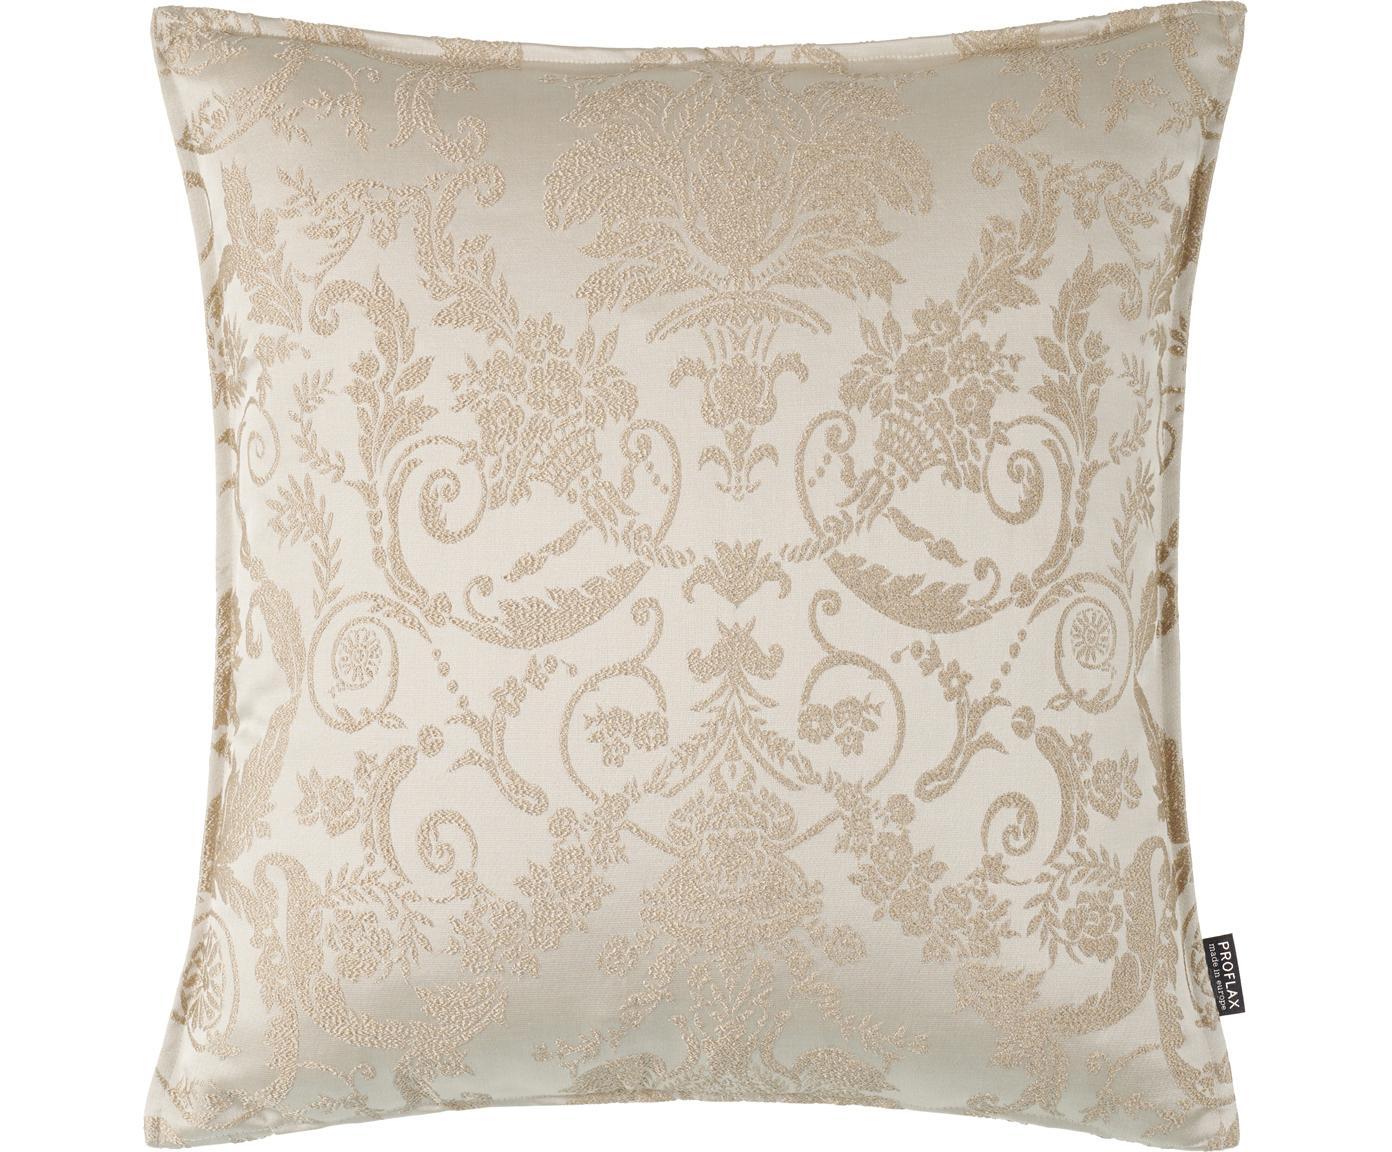 Kissenhülle Astoria, 75% Polyester, 25% Baumwolle, Beige, 40 x 40 cm